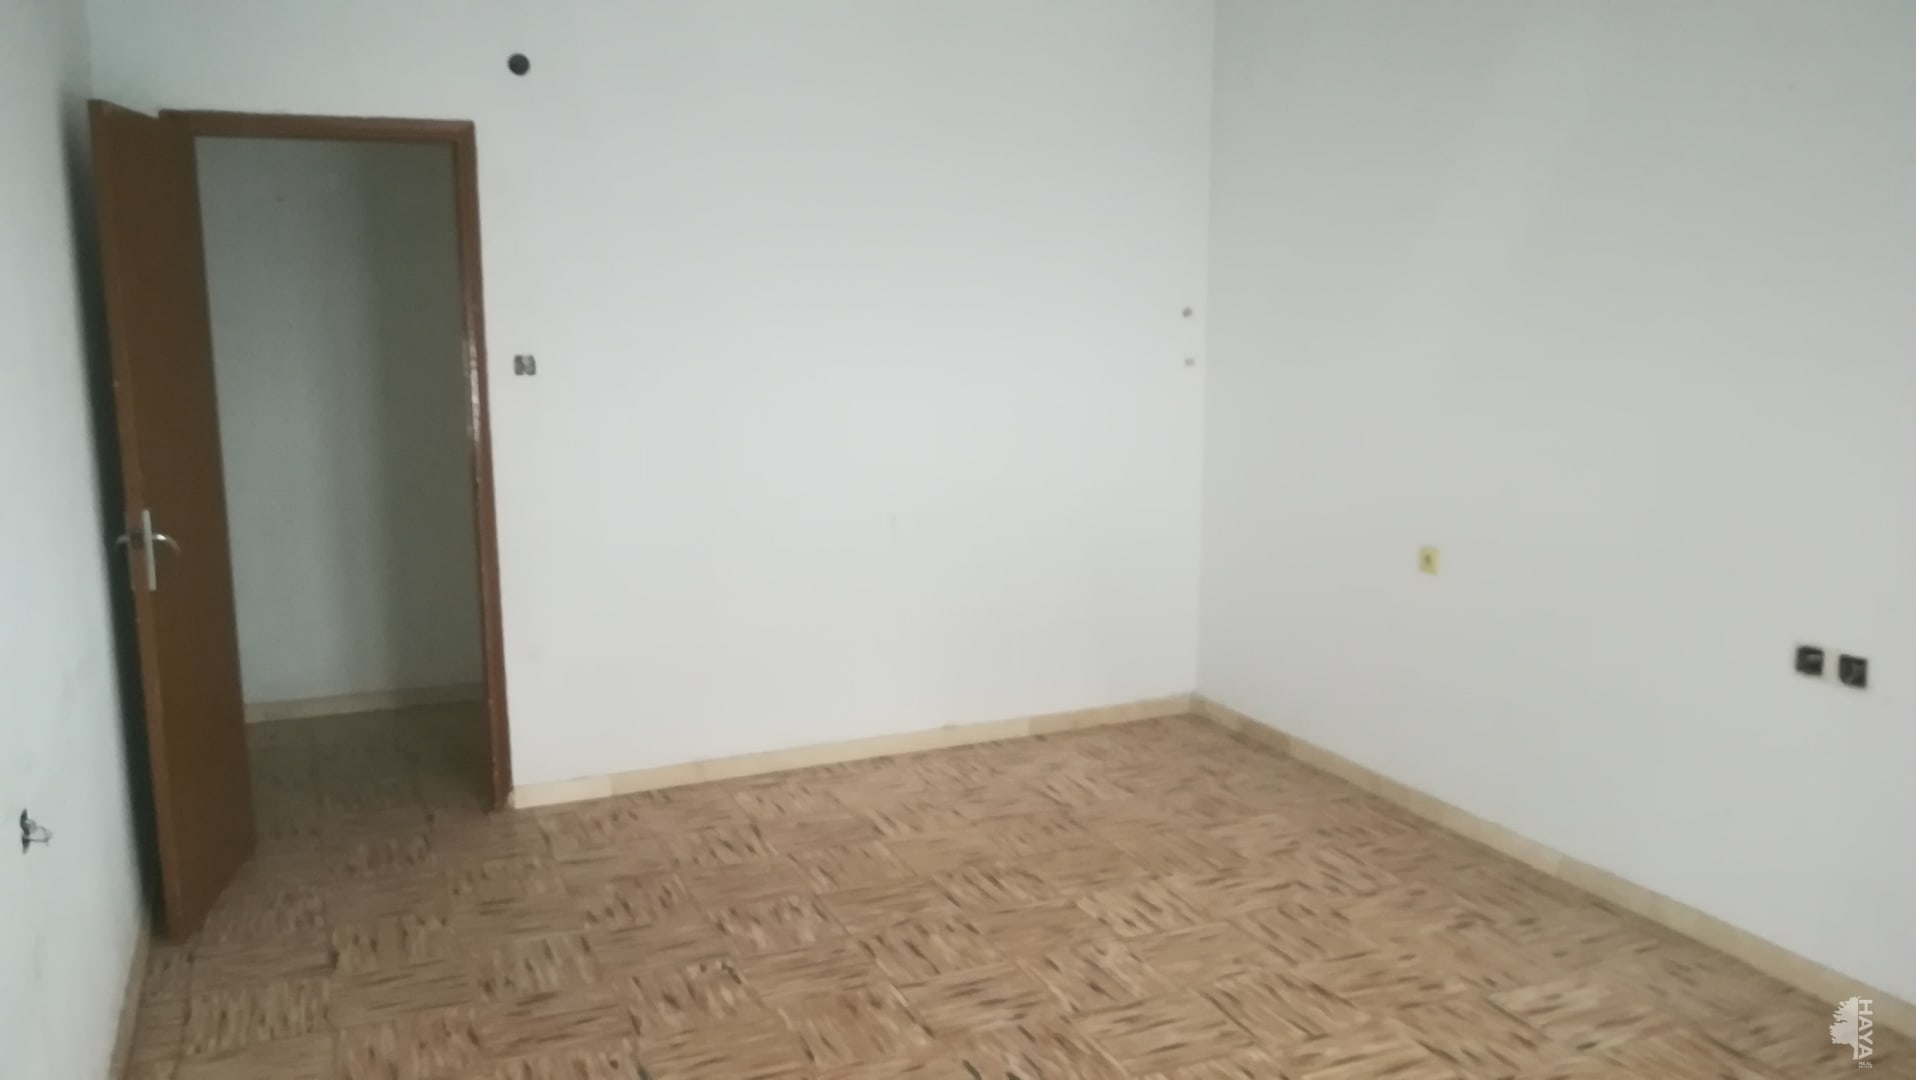 Piso en venta en Piso en Novelda, Alicante, 43.520 €, 4 habitaciones, 1 baño, 136 m2